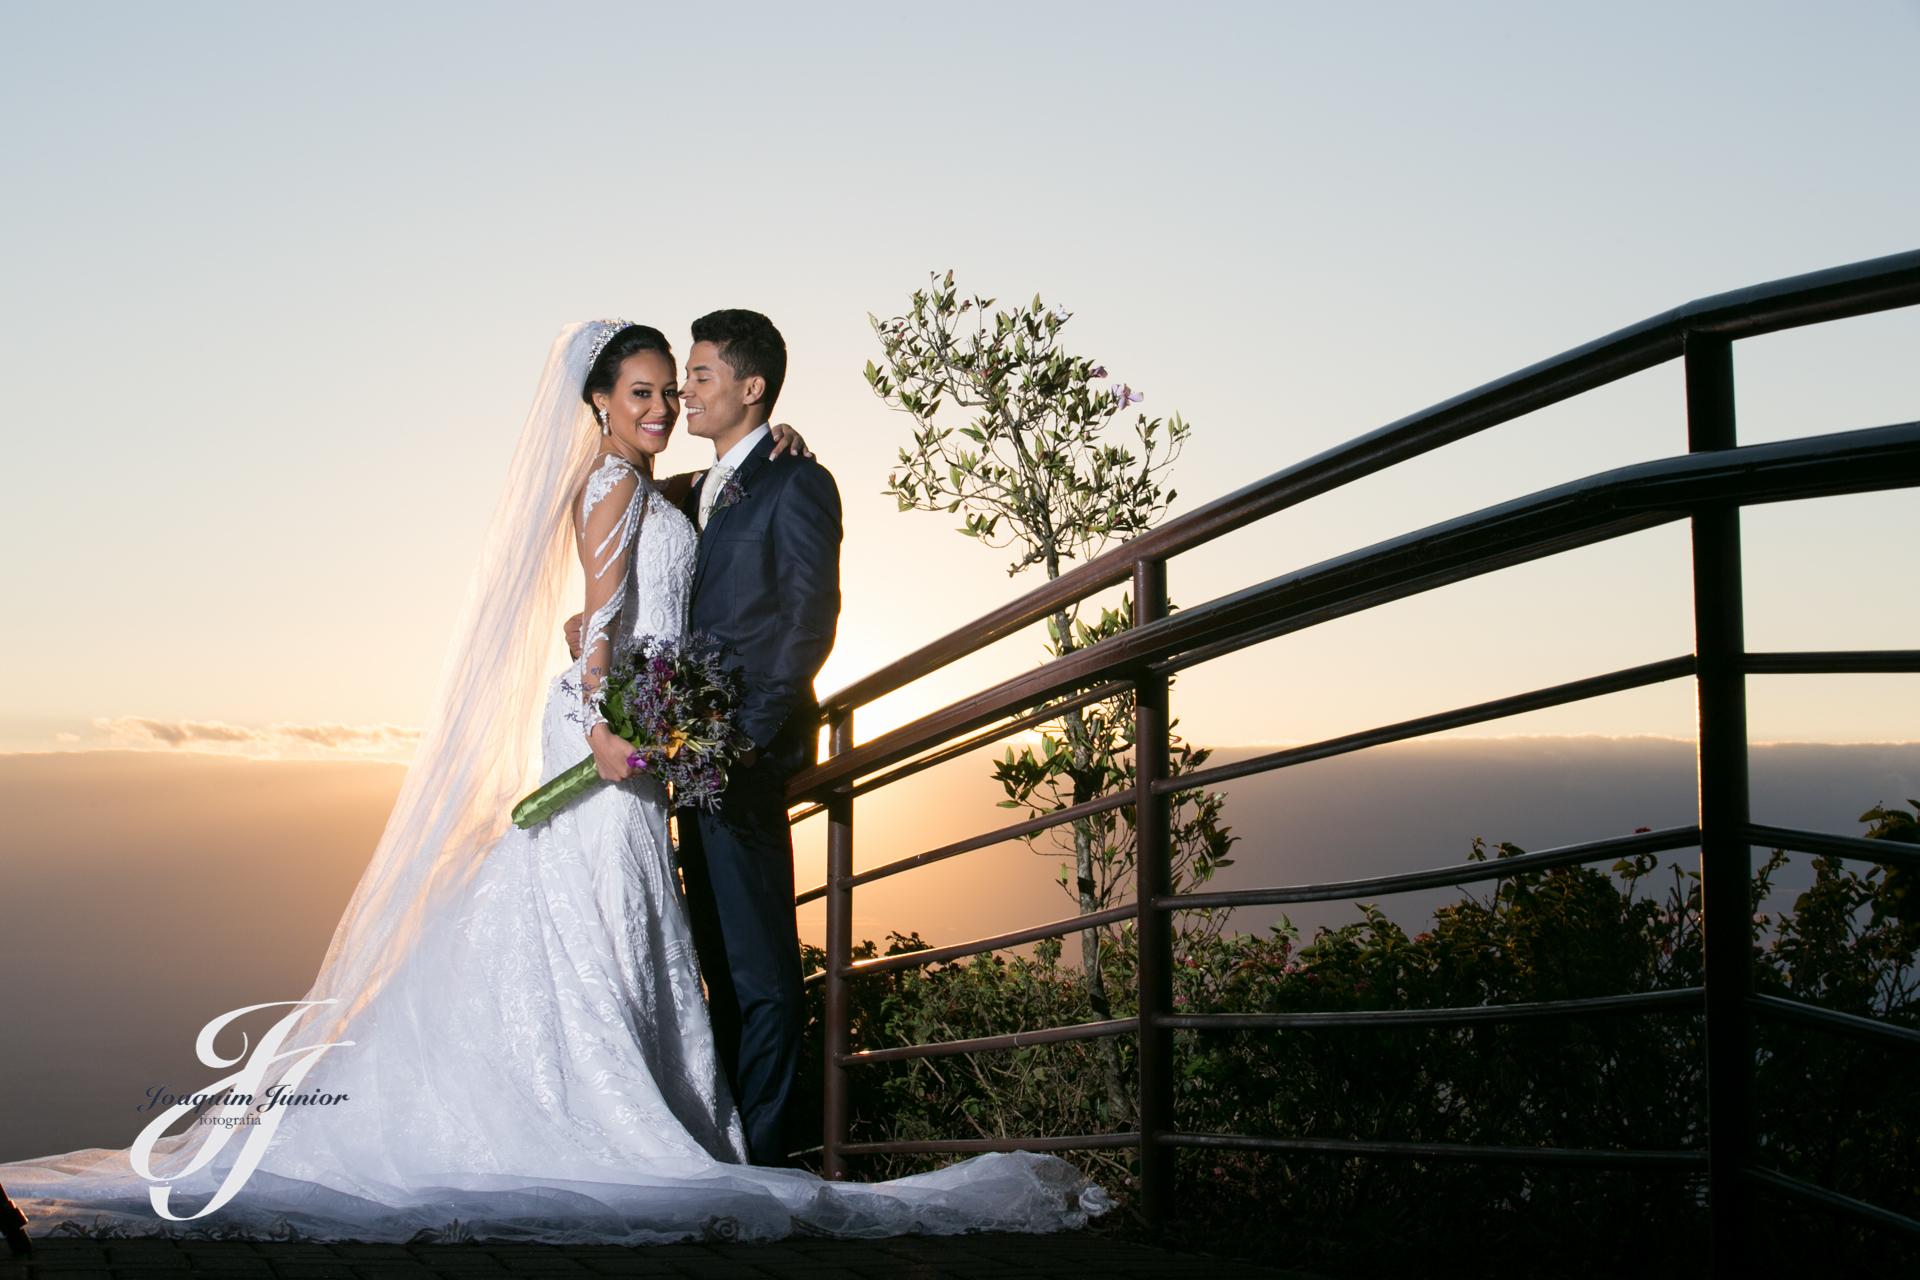 Contate Fotógrafo de casamentos e 15 anos - Joaquim Júnior - Sabará, Belo Horizonte e região - MG